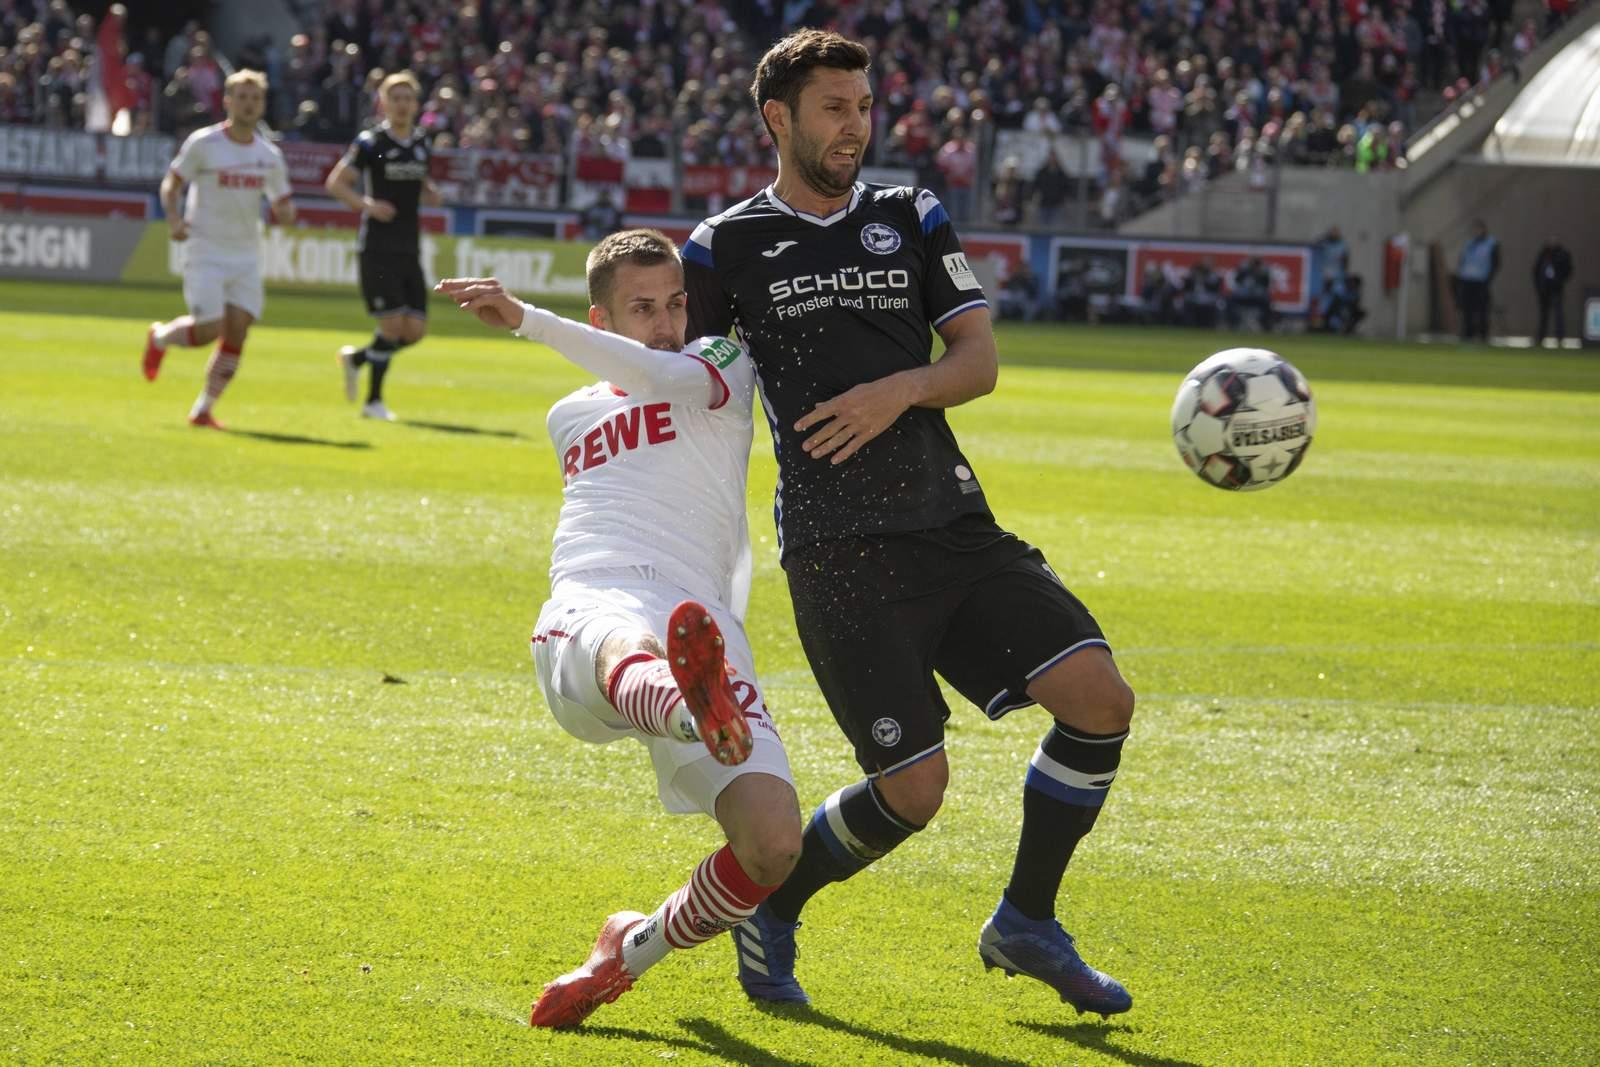 Stephan Salger von Arminia Bielfeld im Zweikampf mit Dominick Drexler vom 1. FC Köln